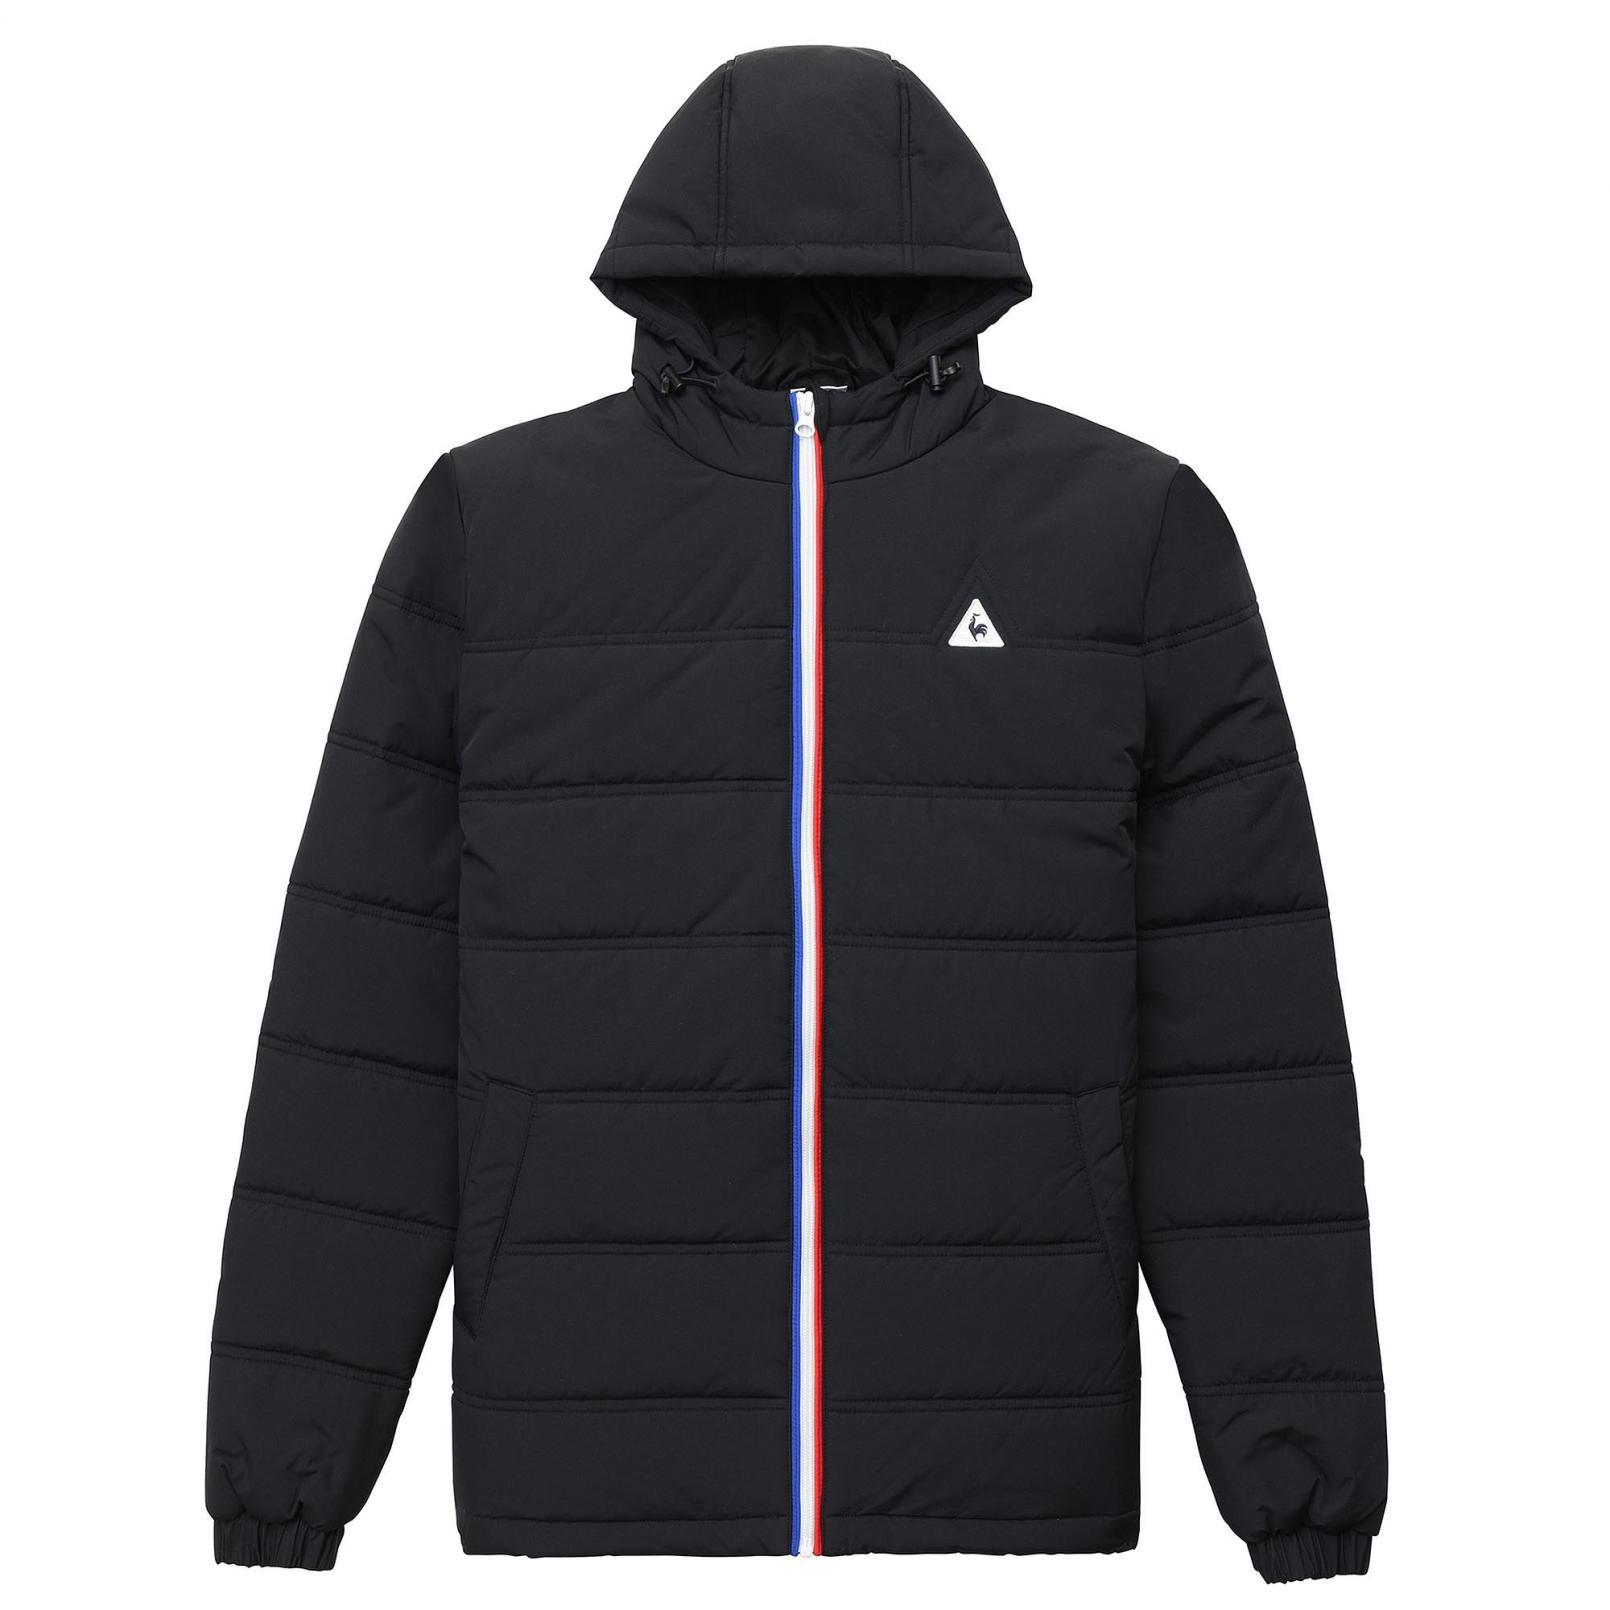 Coats & Jackets – Le Coq Sportif Essentiels Jacket Black